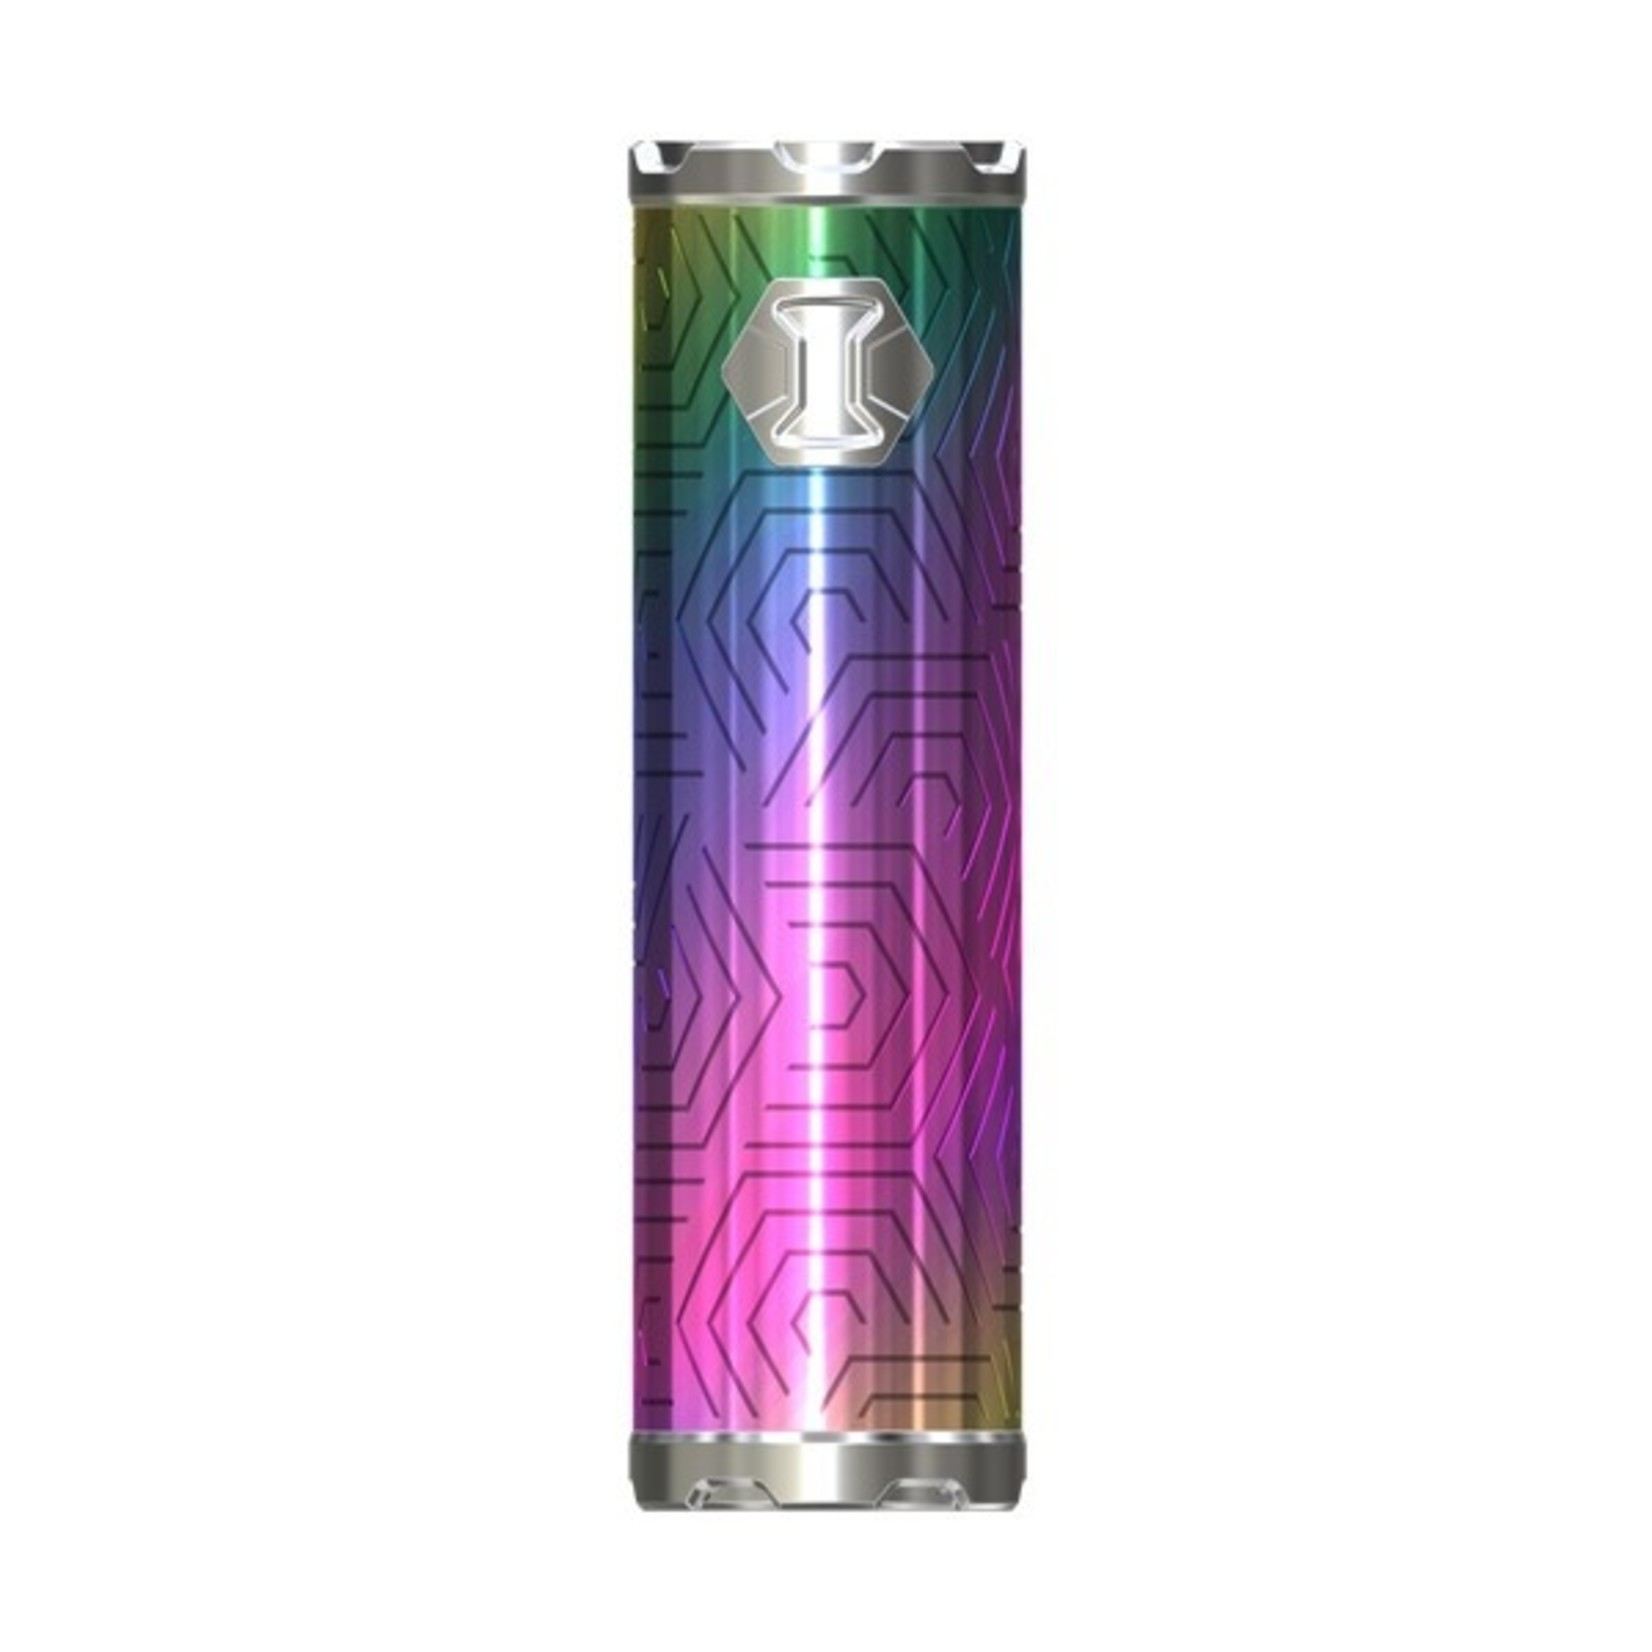 eLeaf iJust 3 Battery 3000mah